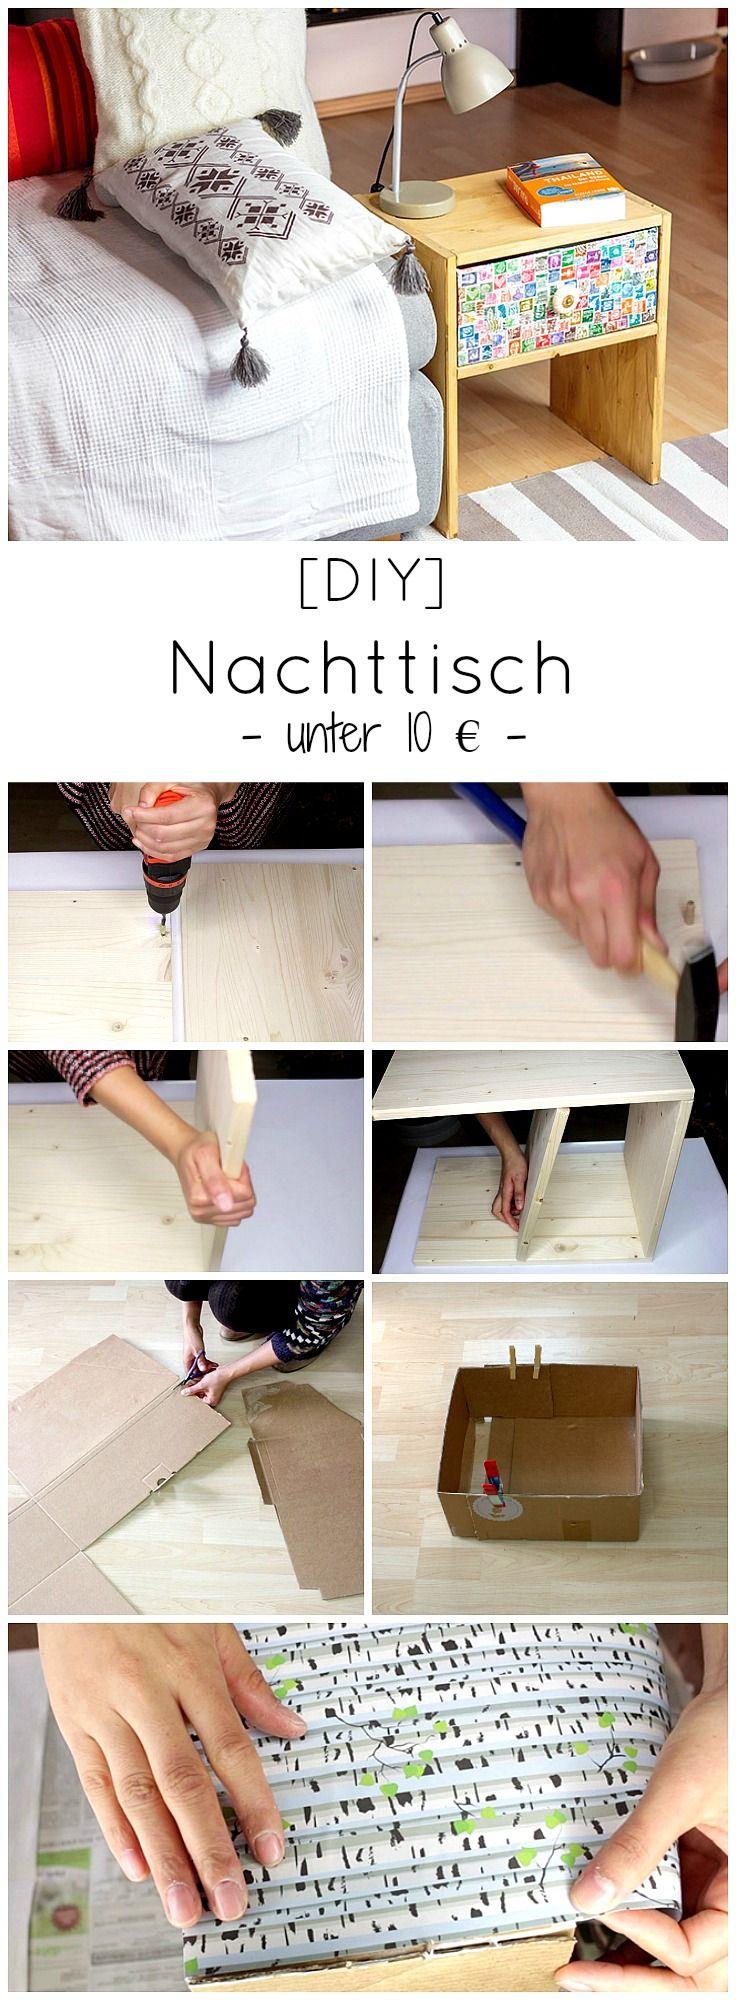 diy nachttisch selber bauen | german blogger *diy* | pinterest | diy